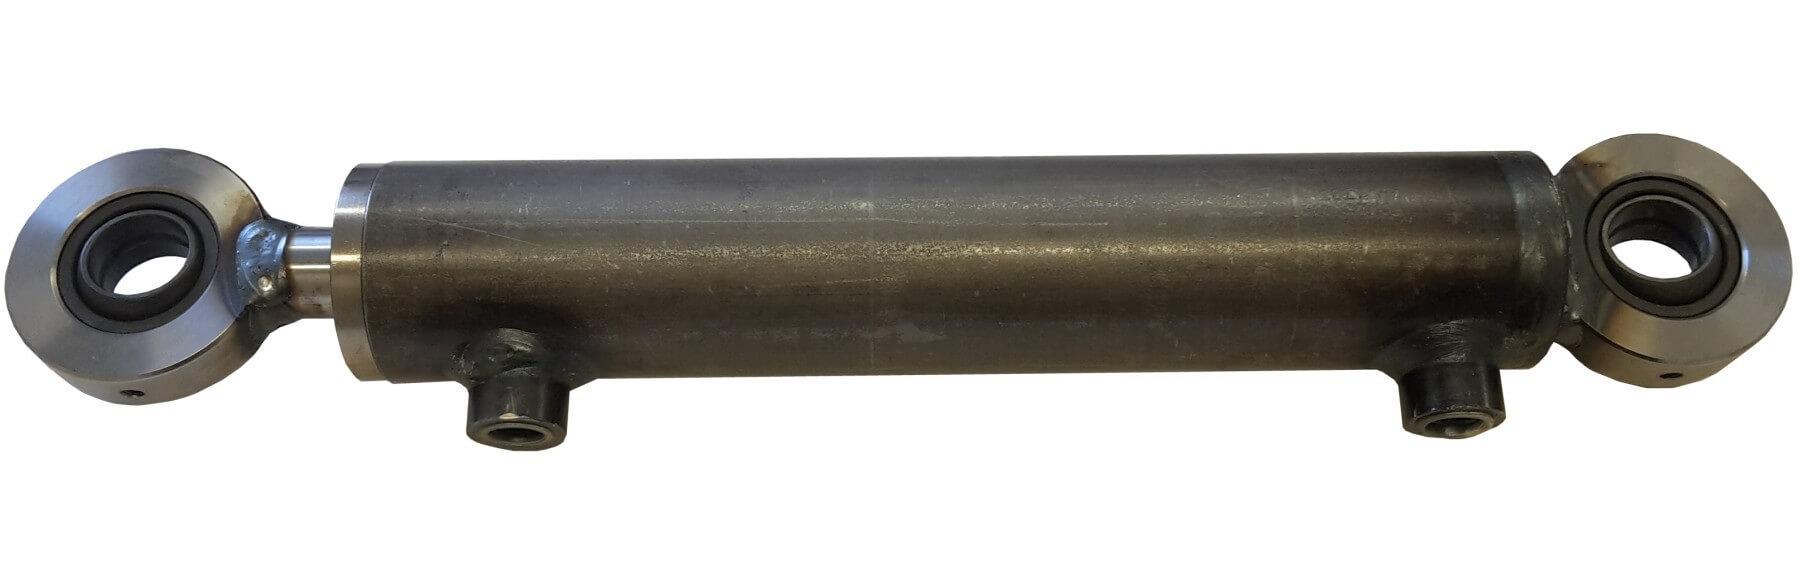 Hydraulisylinteri CL 60. 30. 200 GE - Kailatec Oy Verkkokauppa